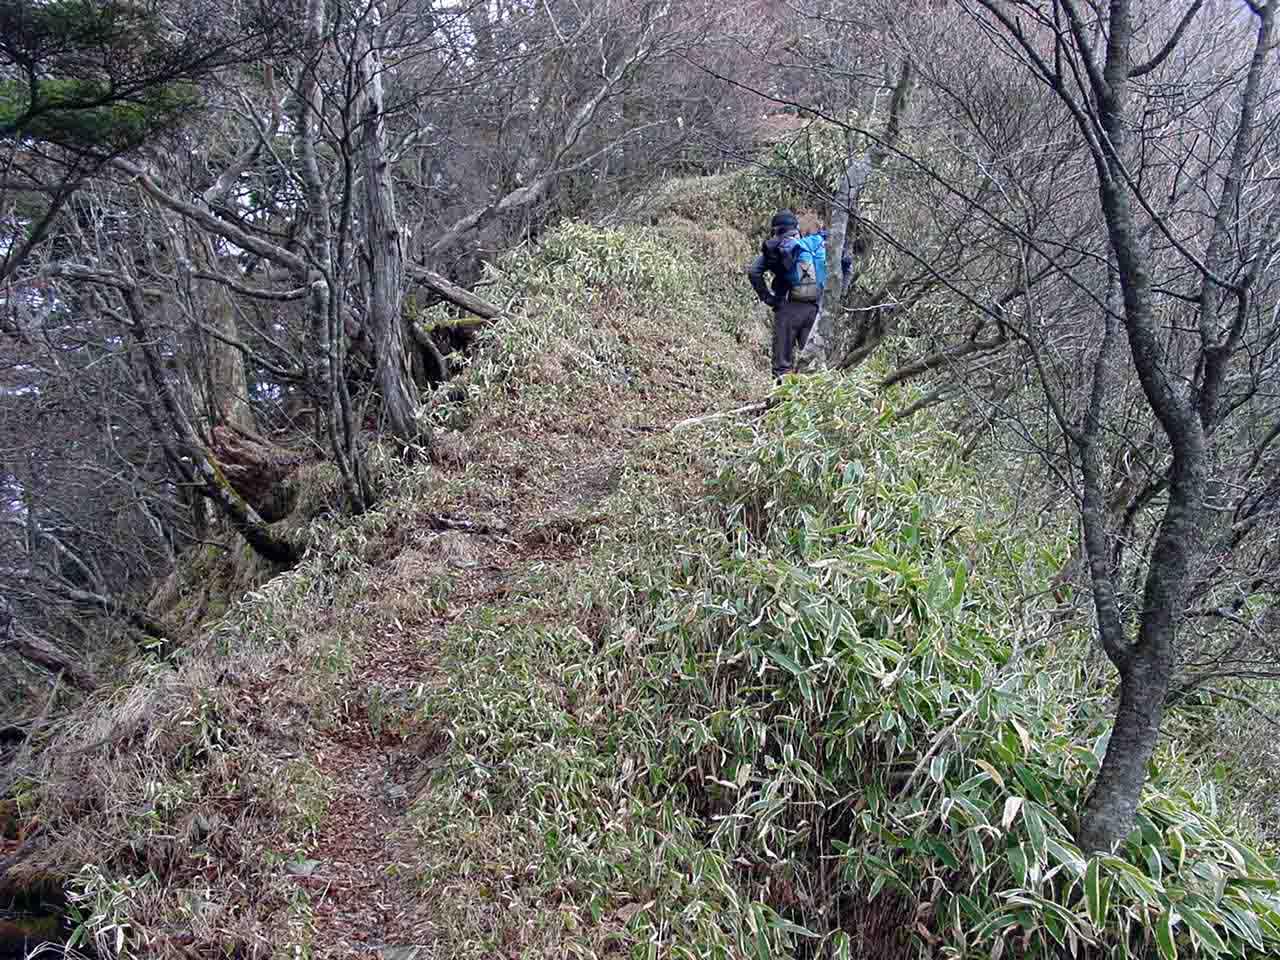 大谷崩八紘嶺捜索 045 八紘嶺への登り